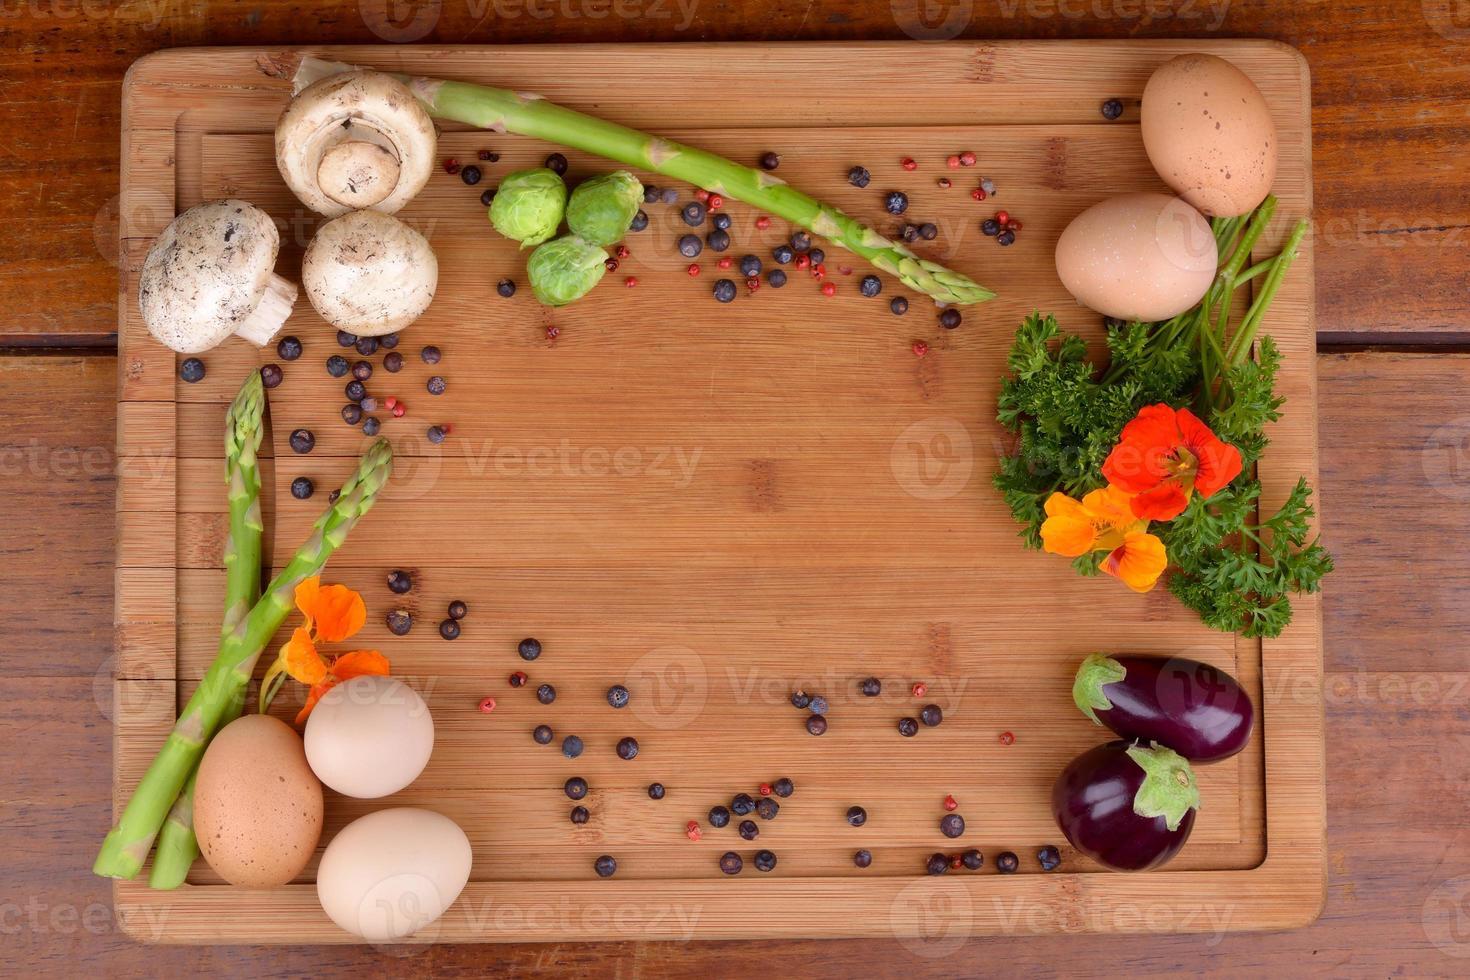 preparación de huevo, champiñones, espárragos, mini berenjenas, bruselas foto